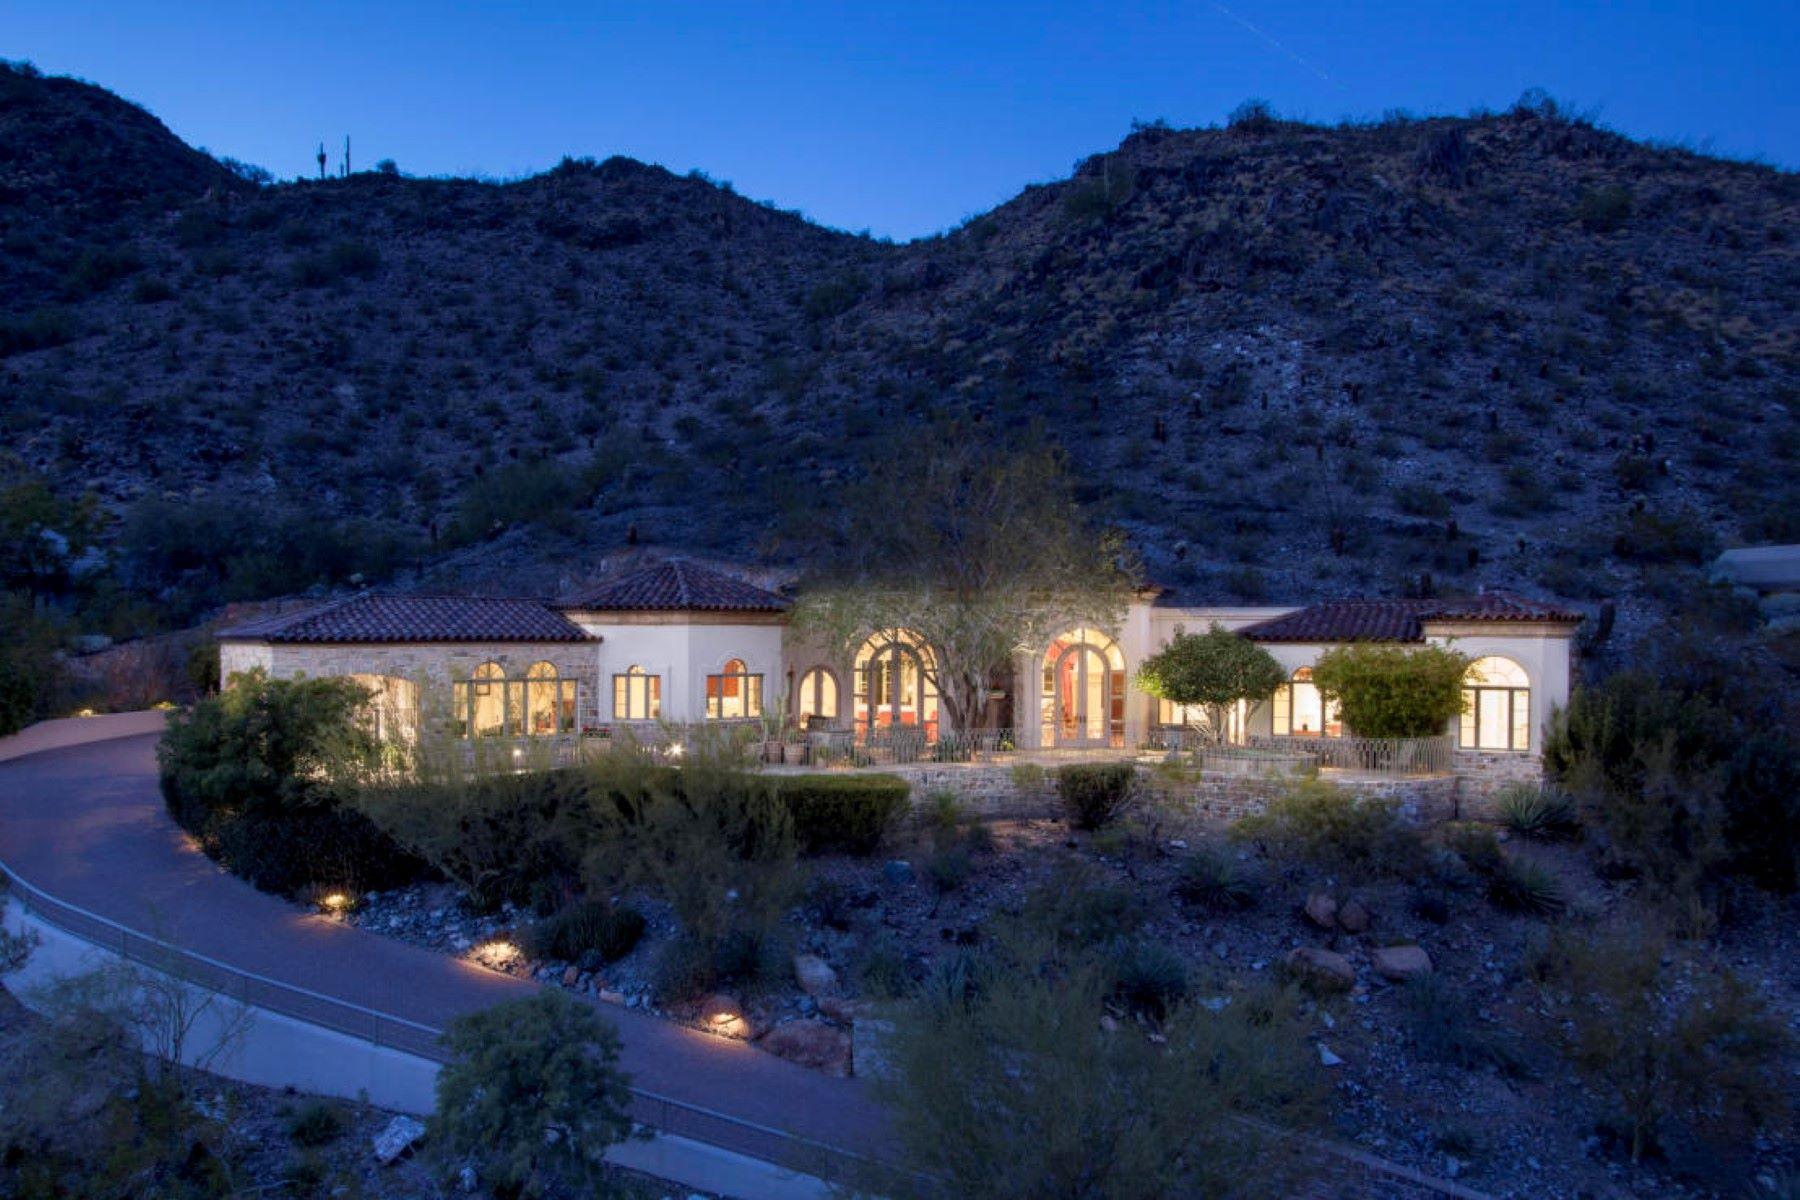 Moradia para Venda às Superior Quality Custom Hillside Home 4560 E Foothill Drive, Paradise Valley, Arizona, 85253 Estados Unidos